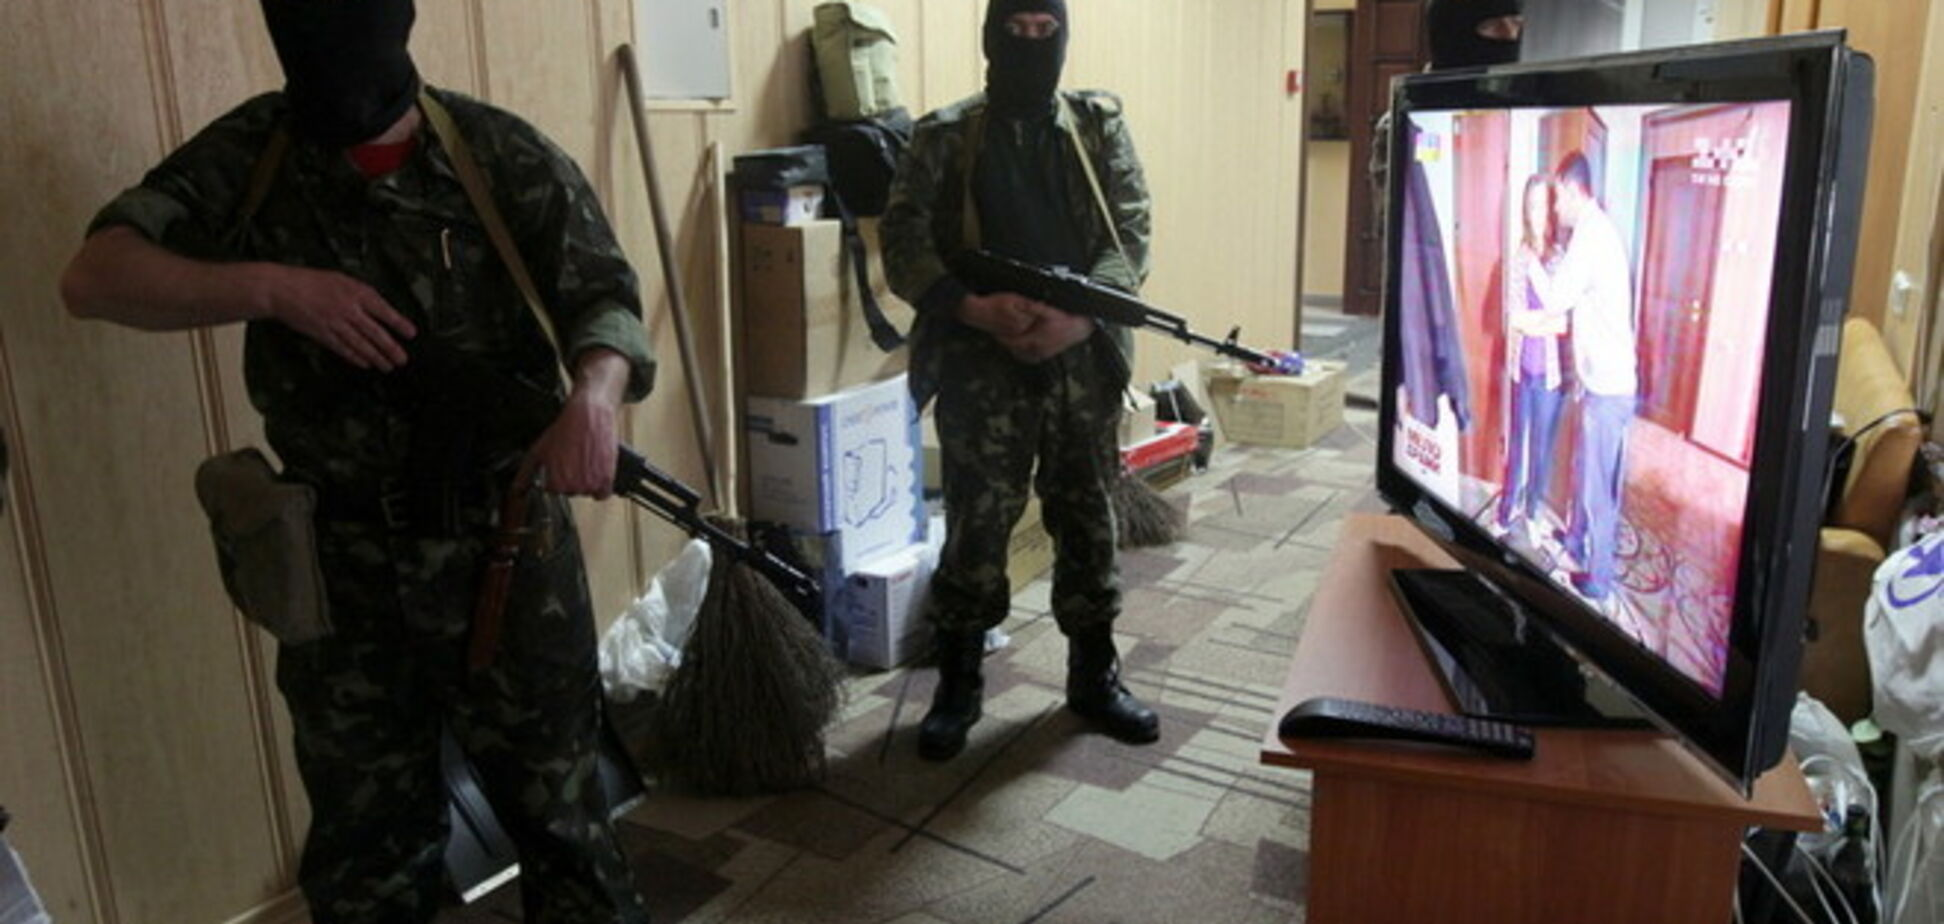 Ночь в Луганске прошла спокойно: новых захватов админзданий не было